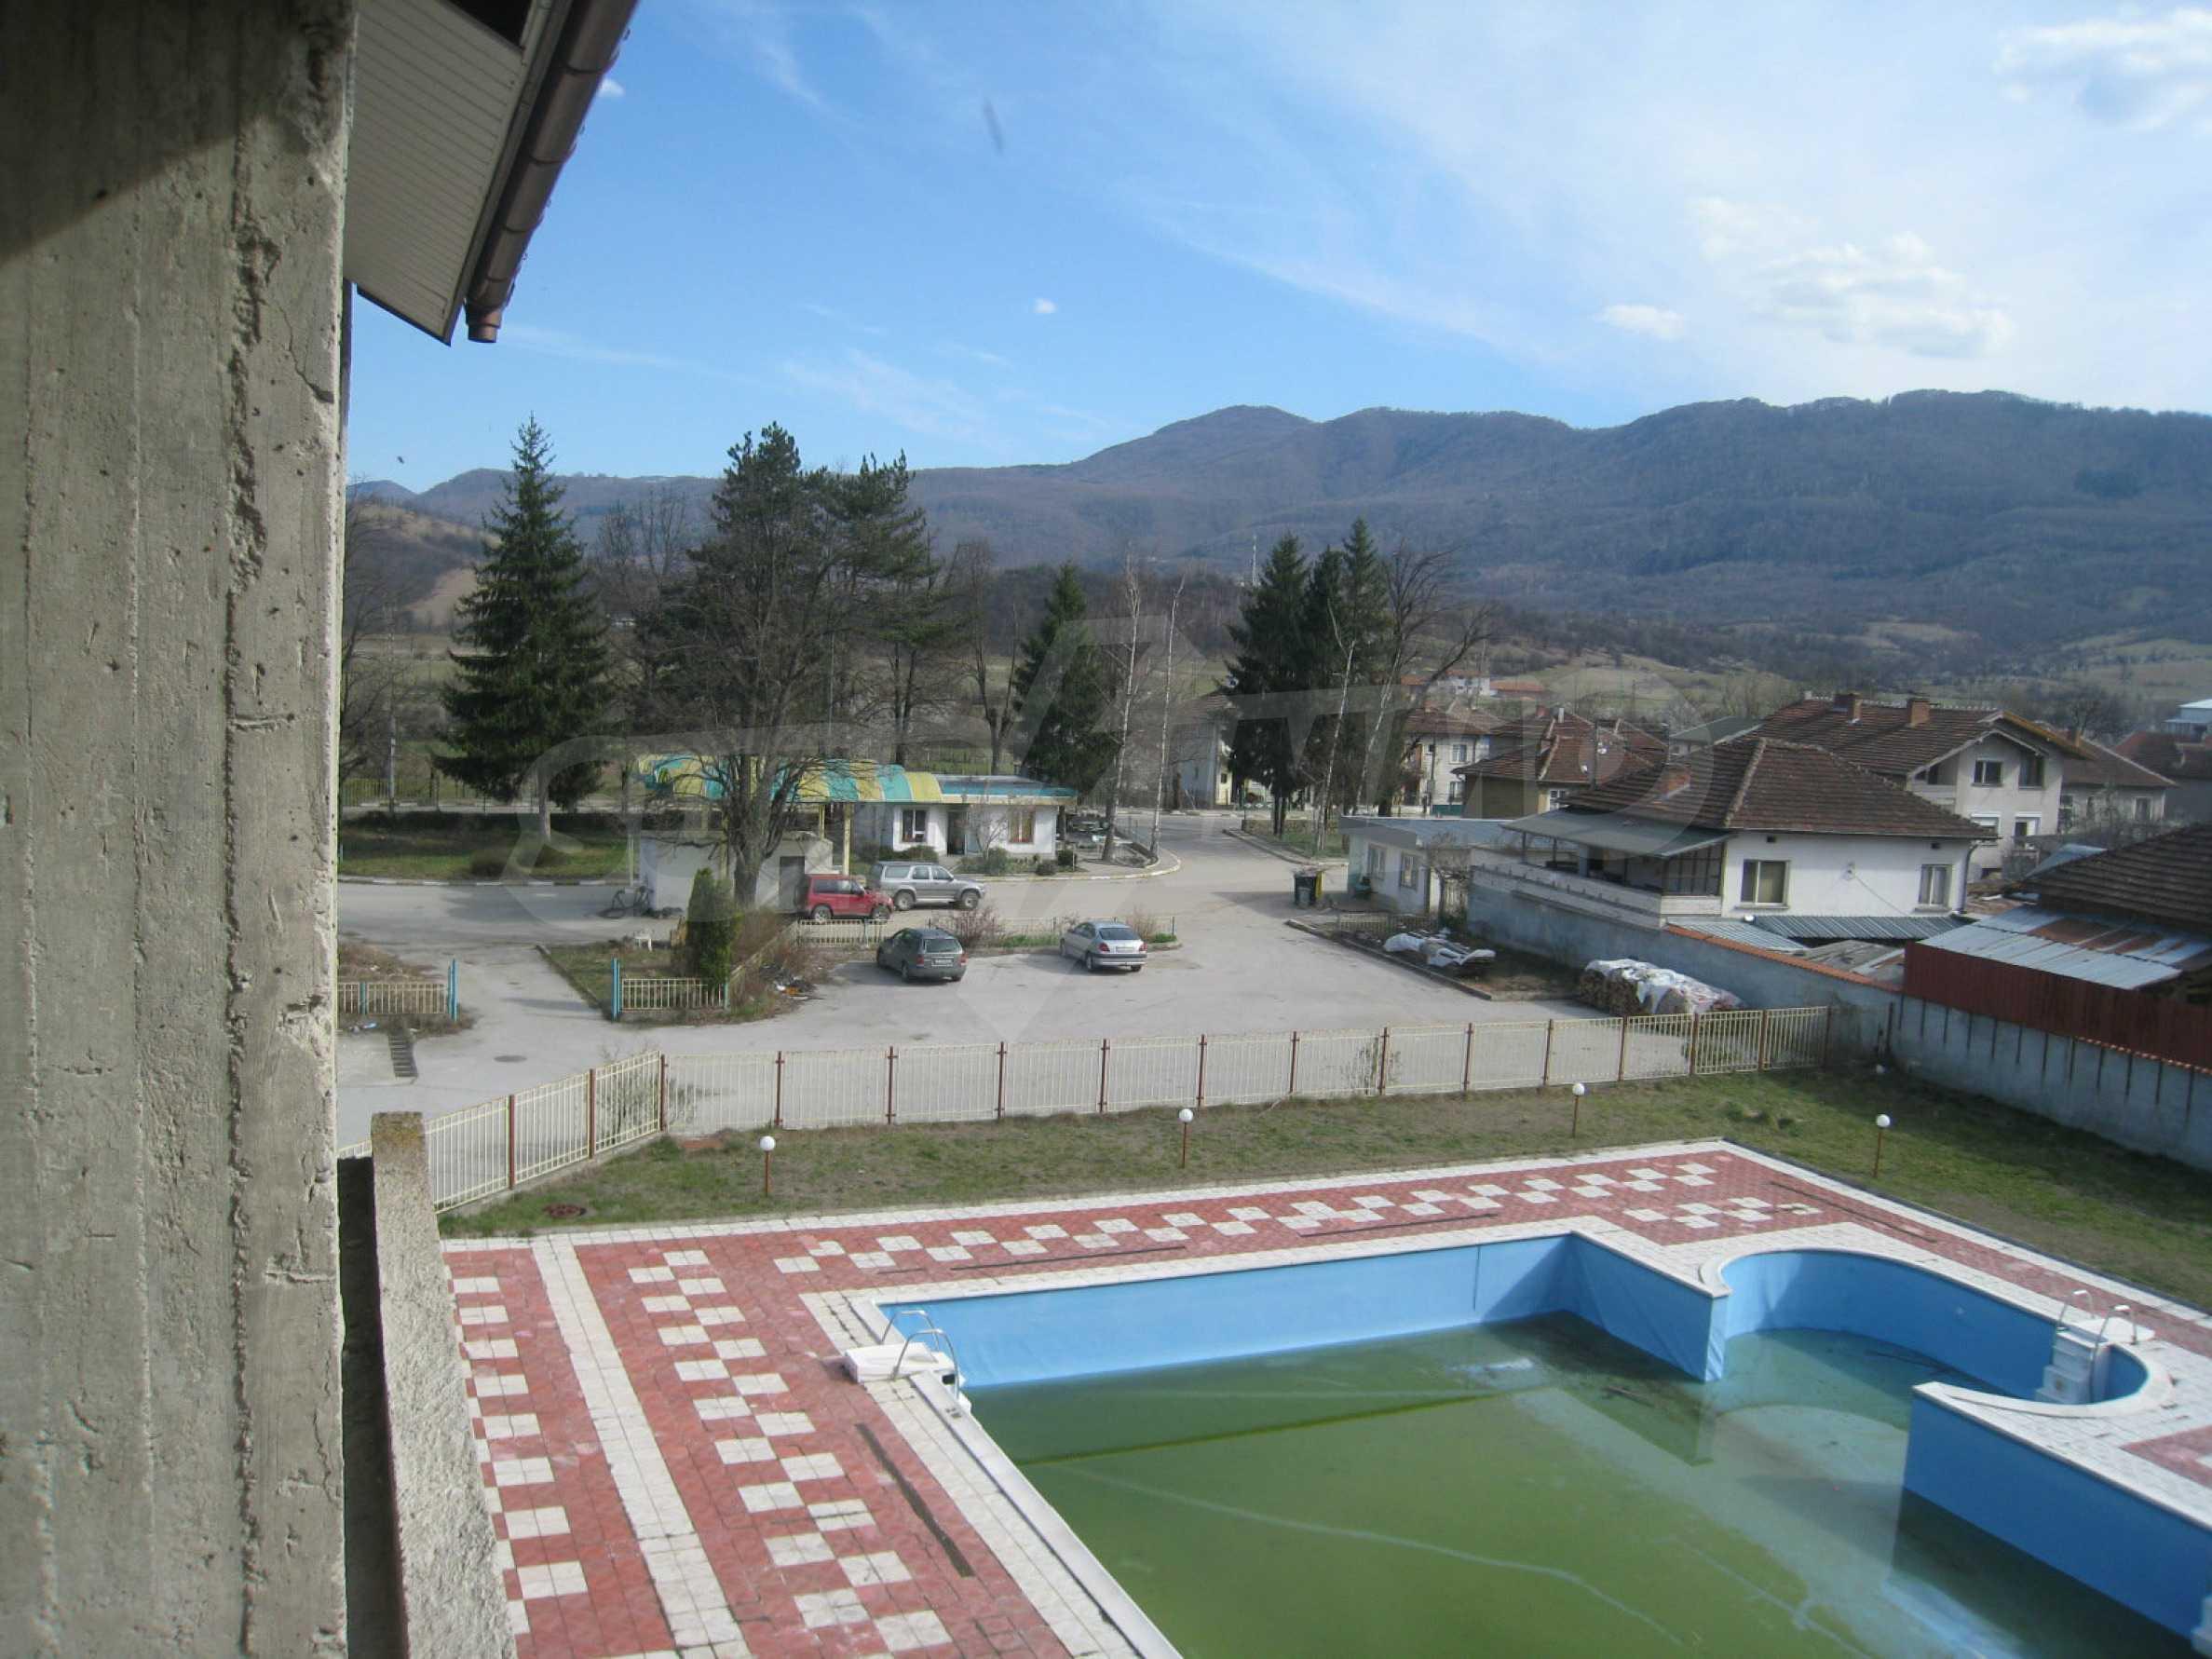 Hotelanlage mit Schwimmbad, Tankstelle und großem Grundstück in Etropole 23